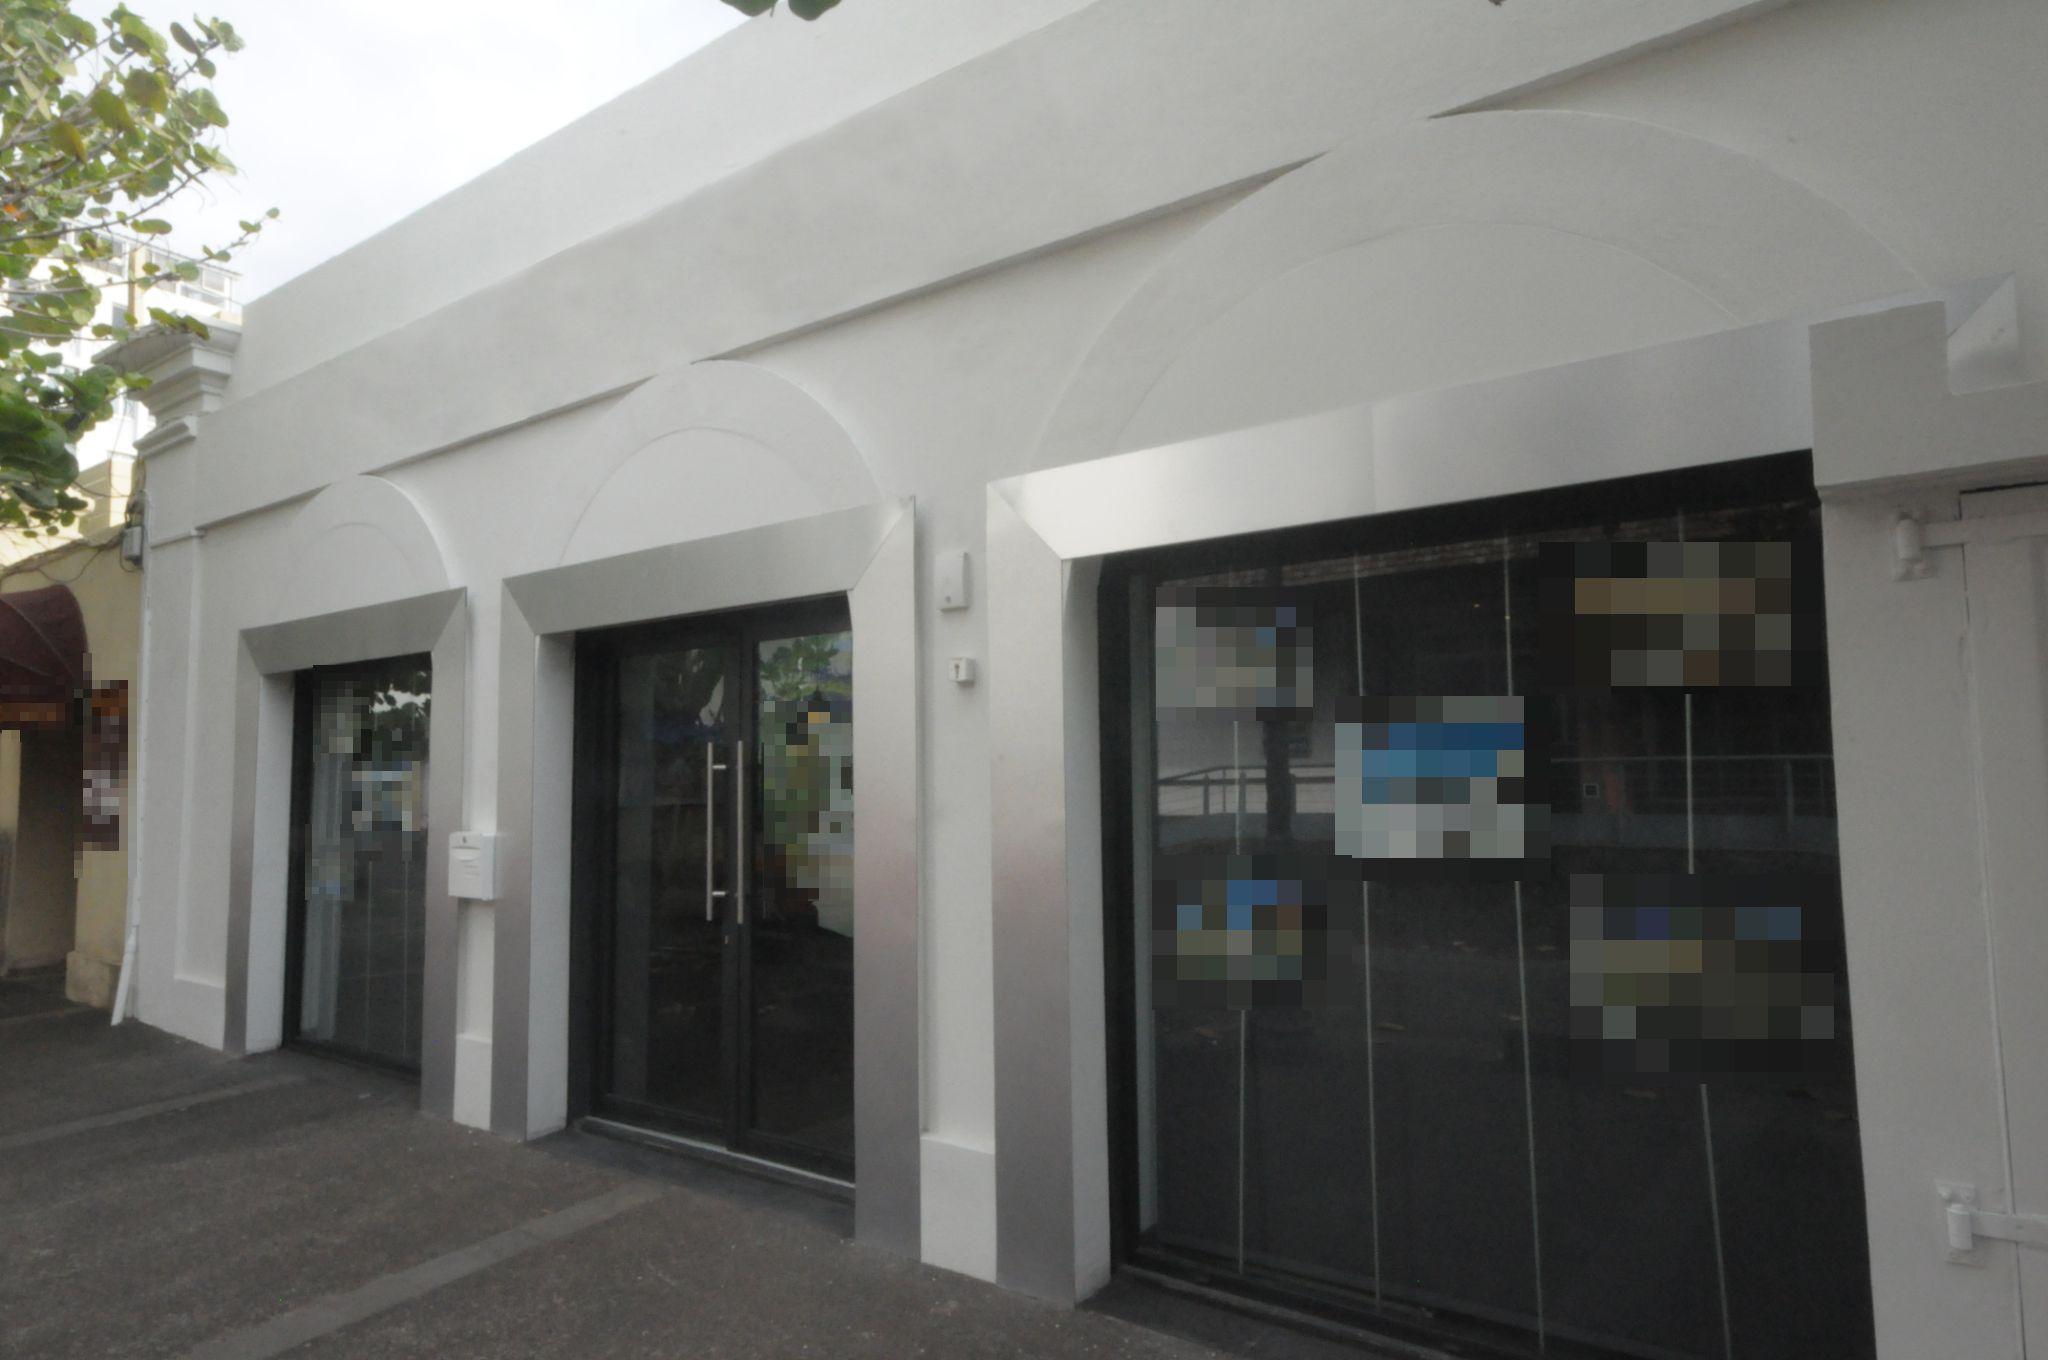 Vente Agence immobilière, 330 ft2 à Saint-Denis dans une zone passante et recherchée (11310) en France